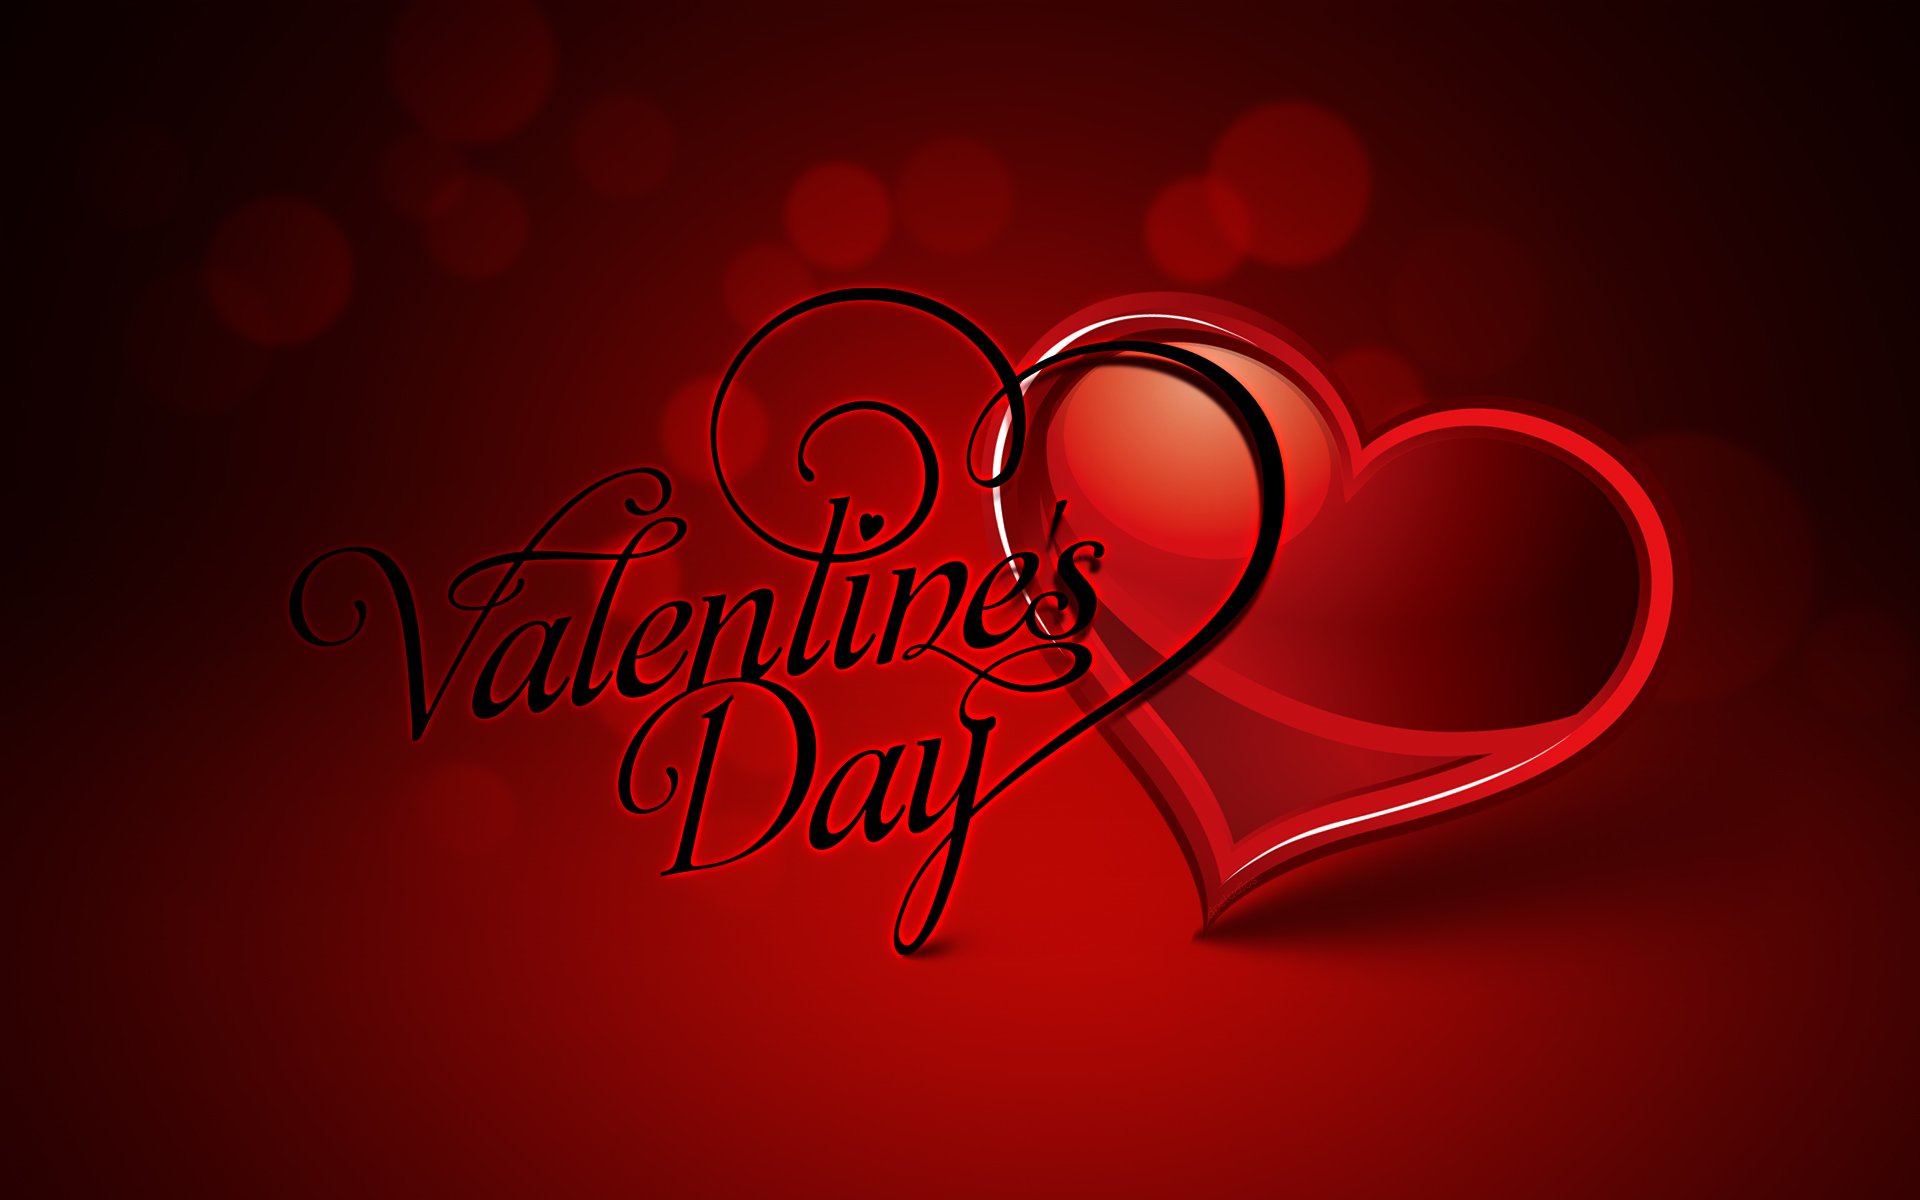 Best Valentines Gifts & Ideas